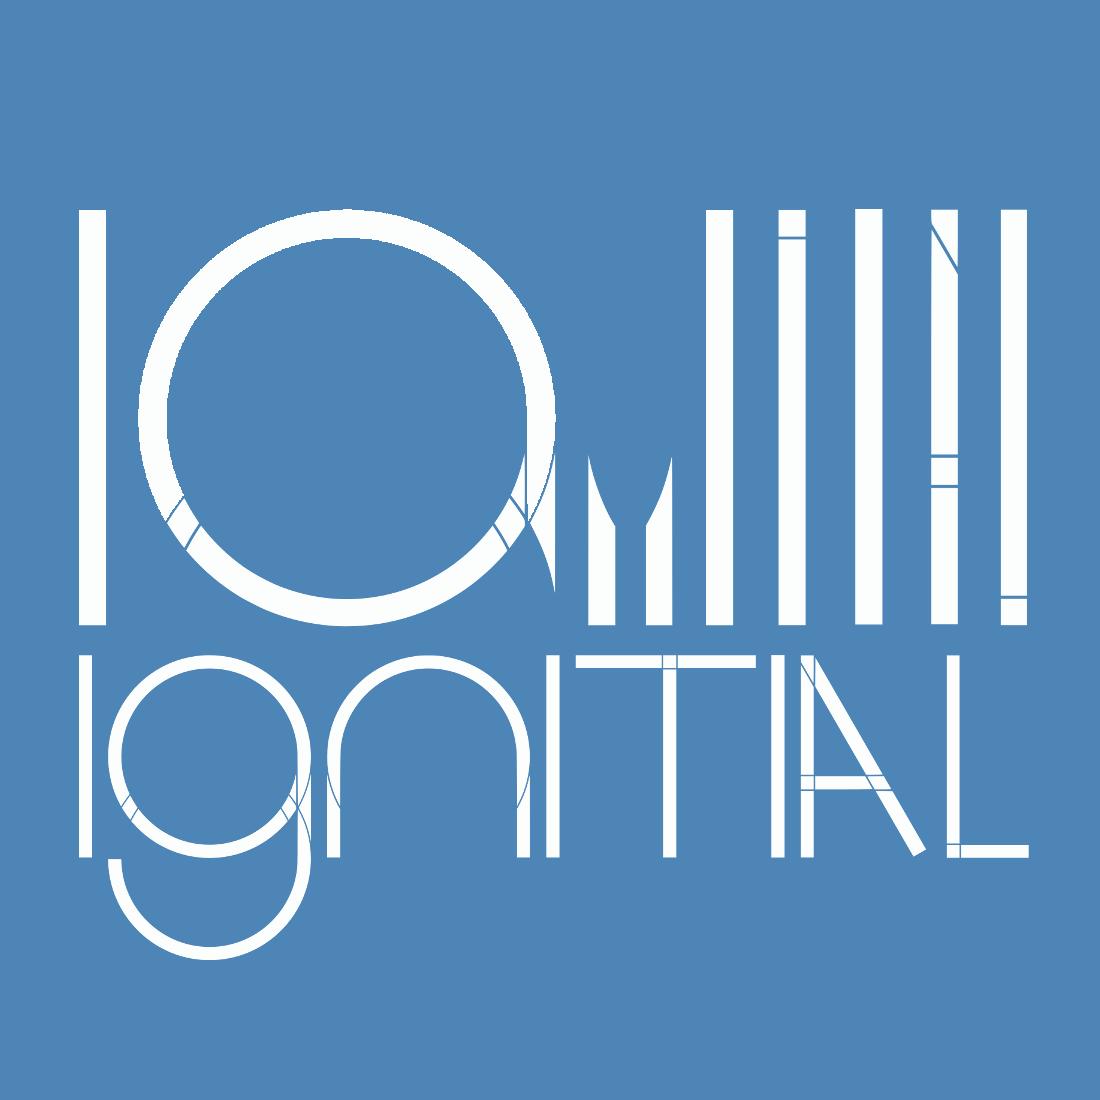 Ignitial